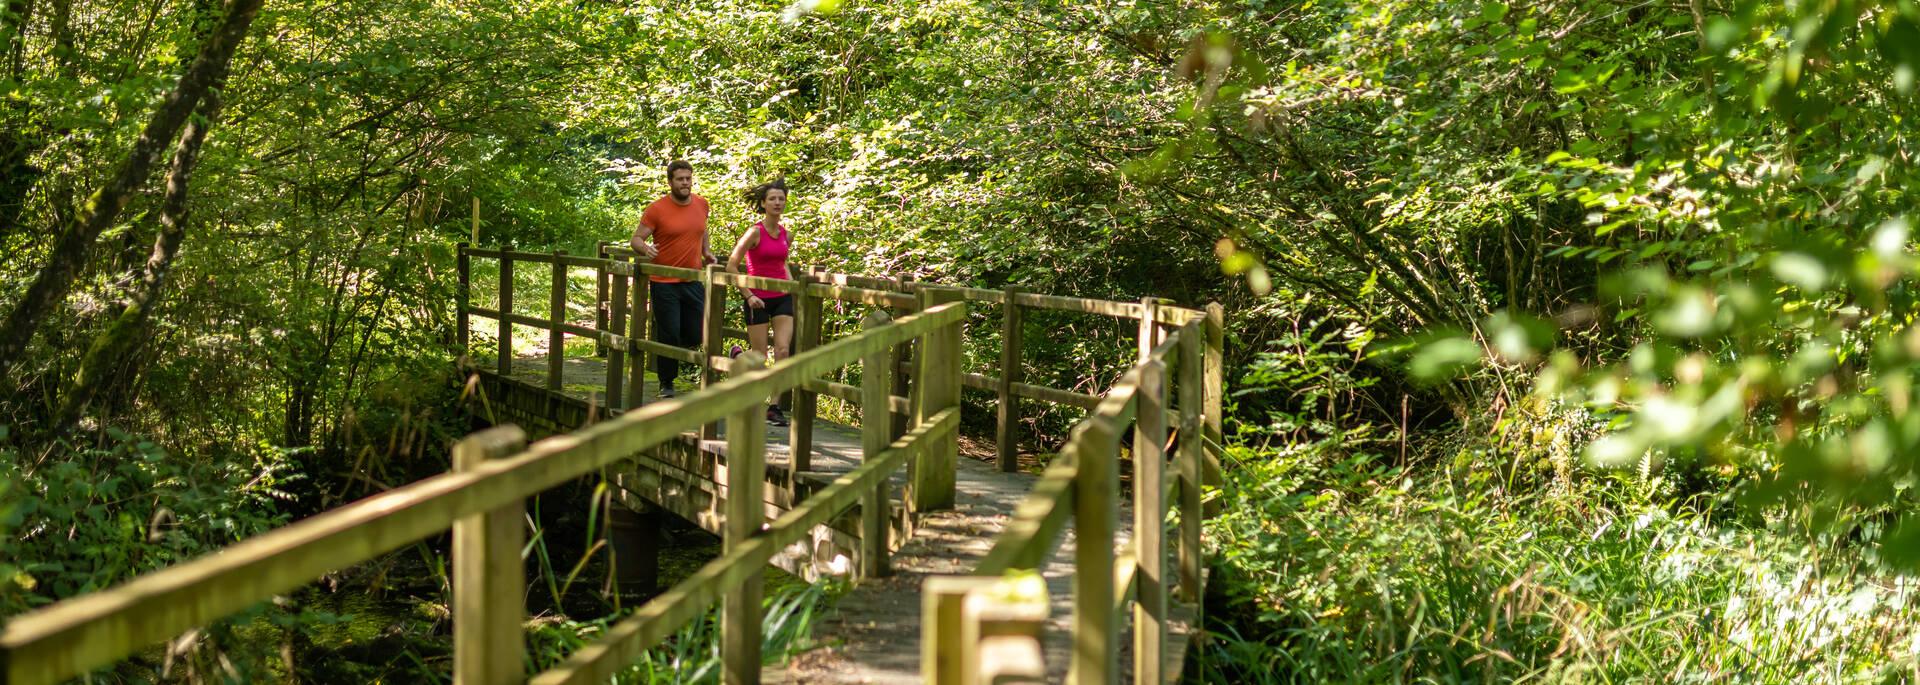 Trail à la Station sports et nature de Belle-Isle-En-Terre © E. Berthier